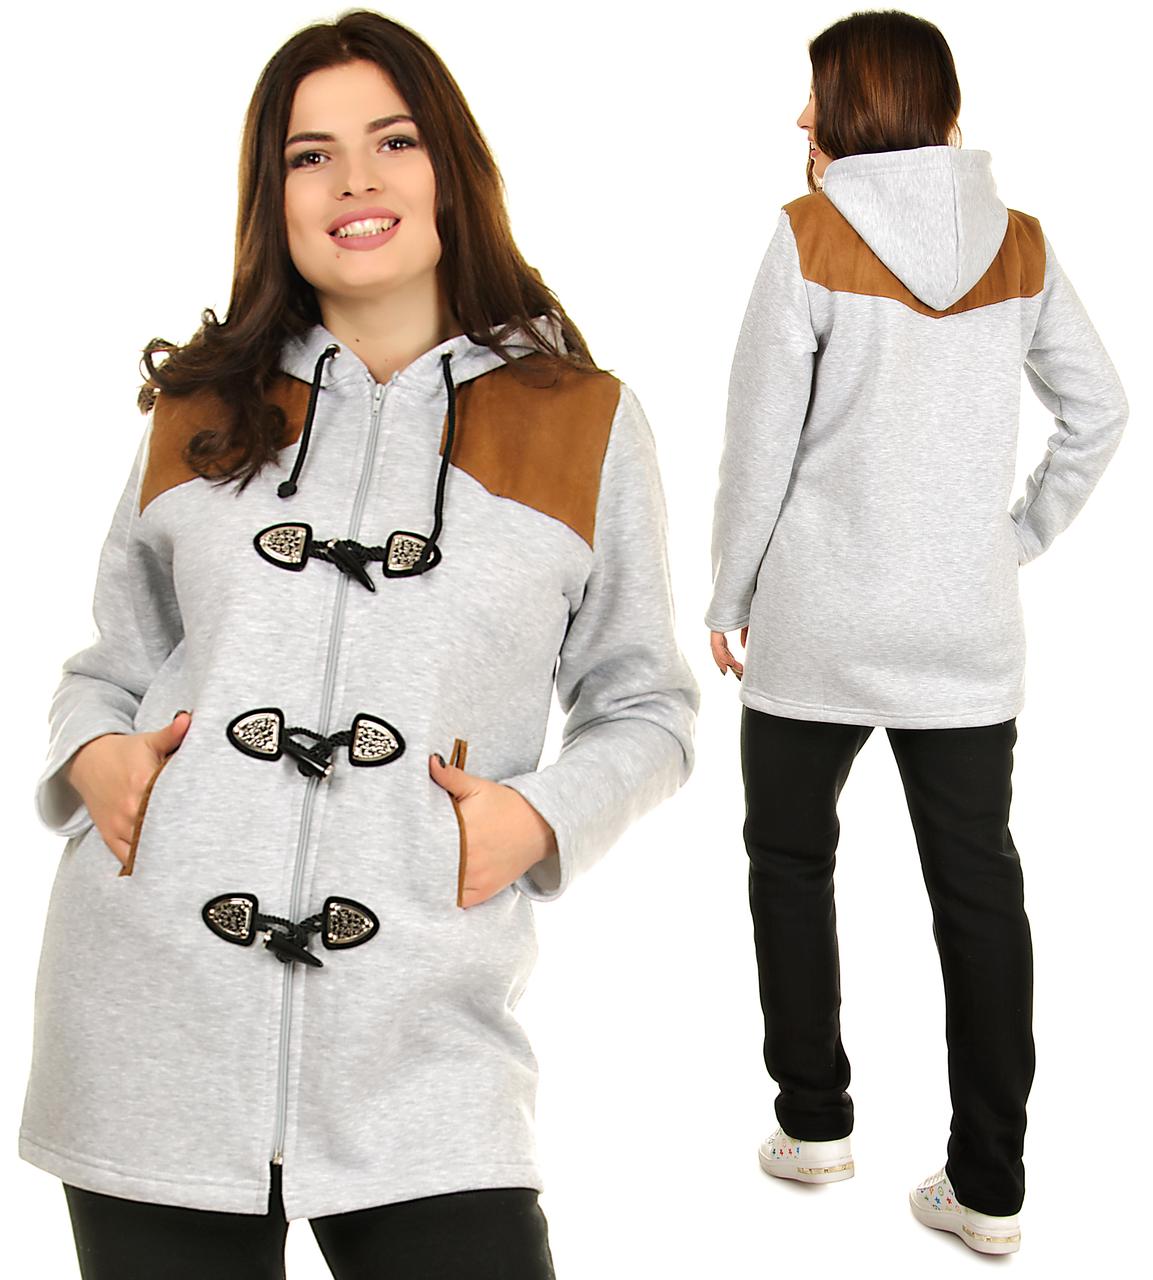 Зимний спортивный костюм женский батальный теплый с капюшоном (батал)